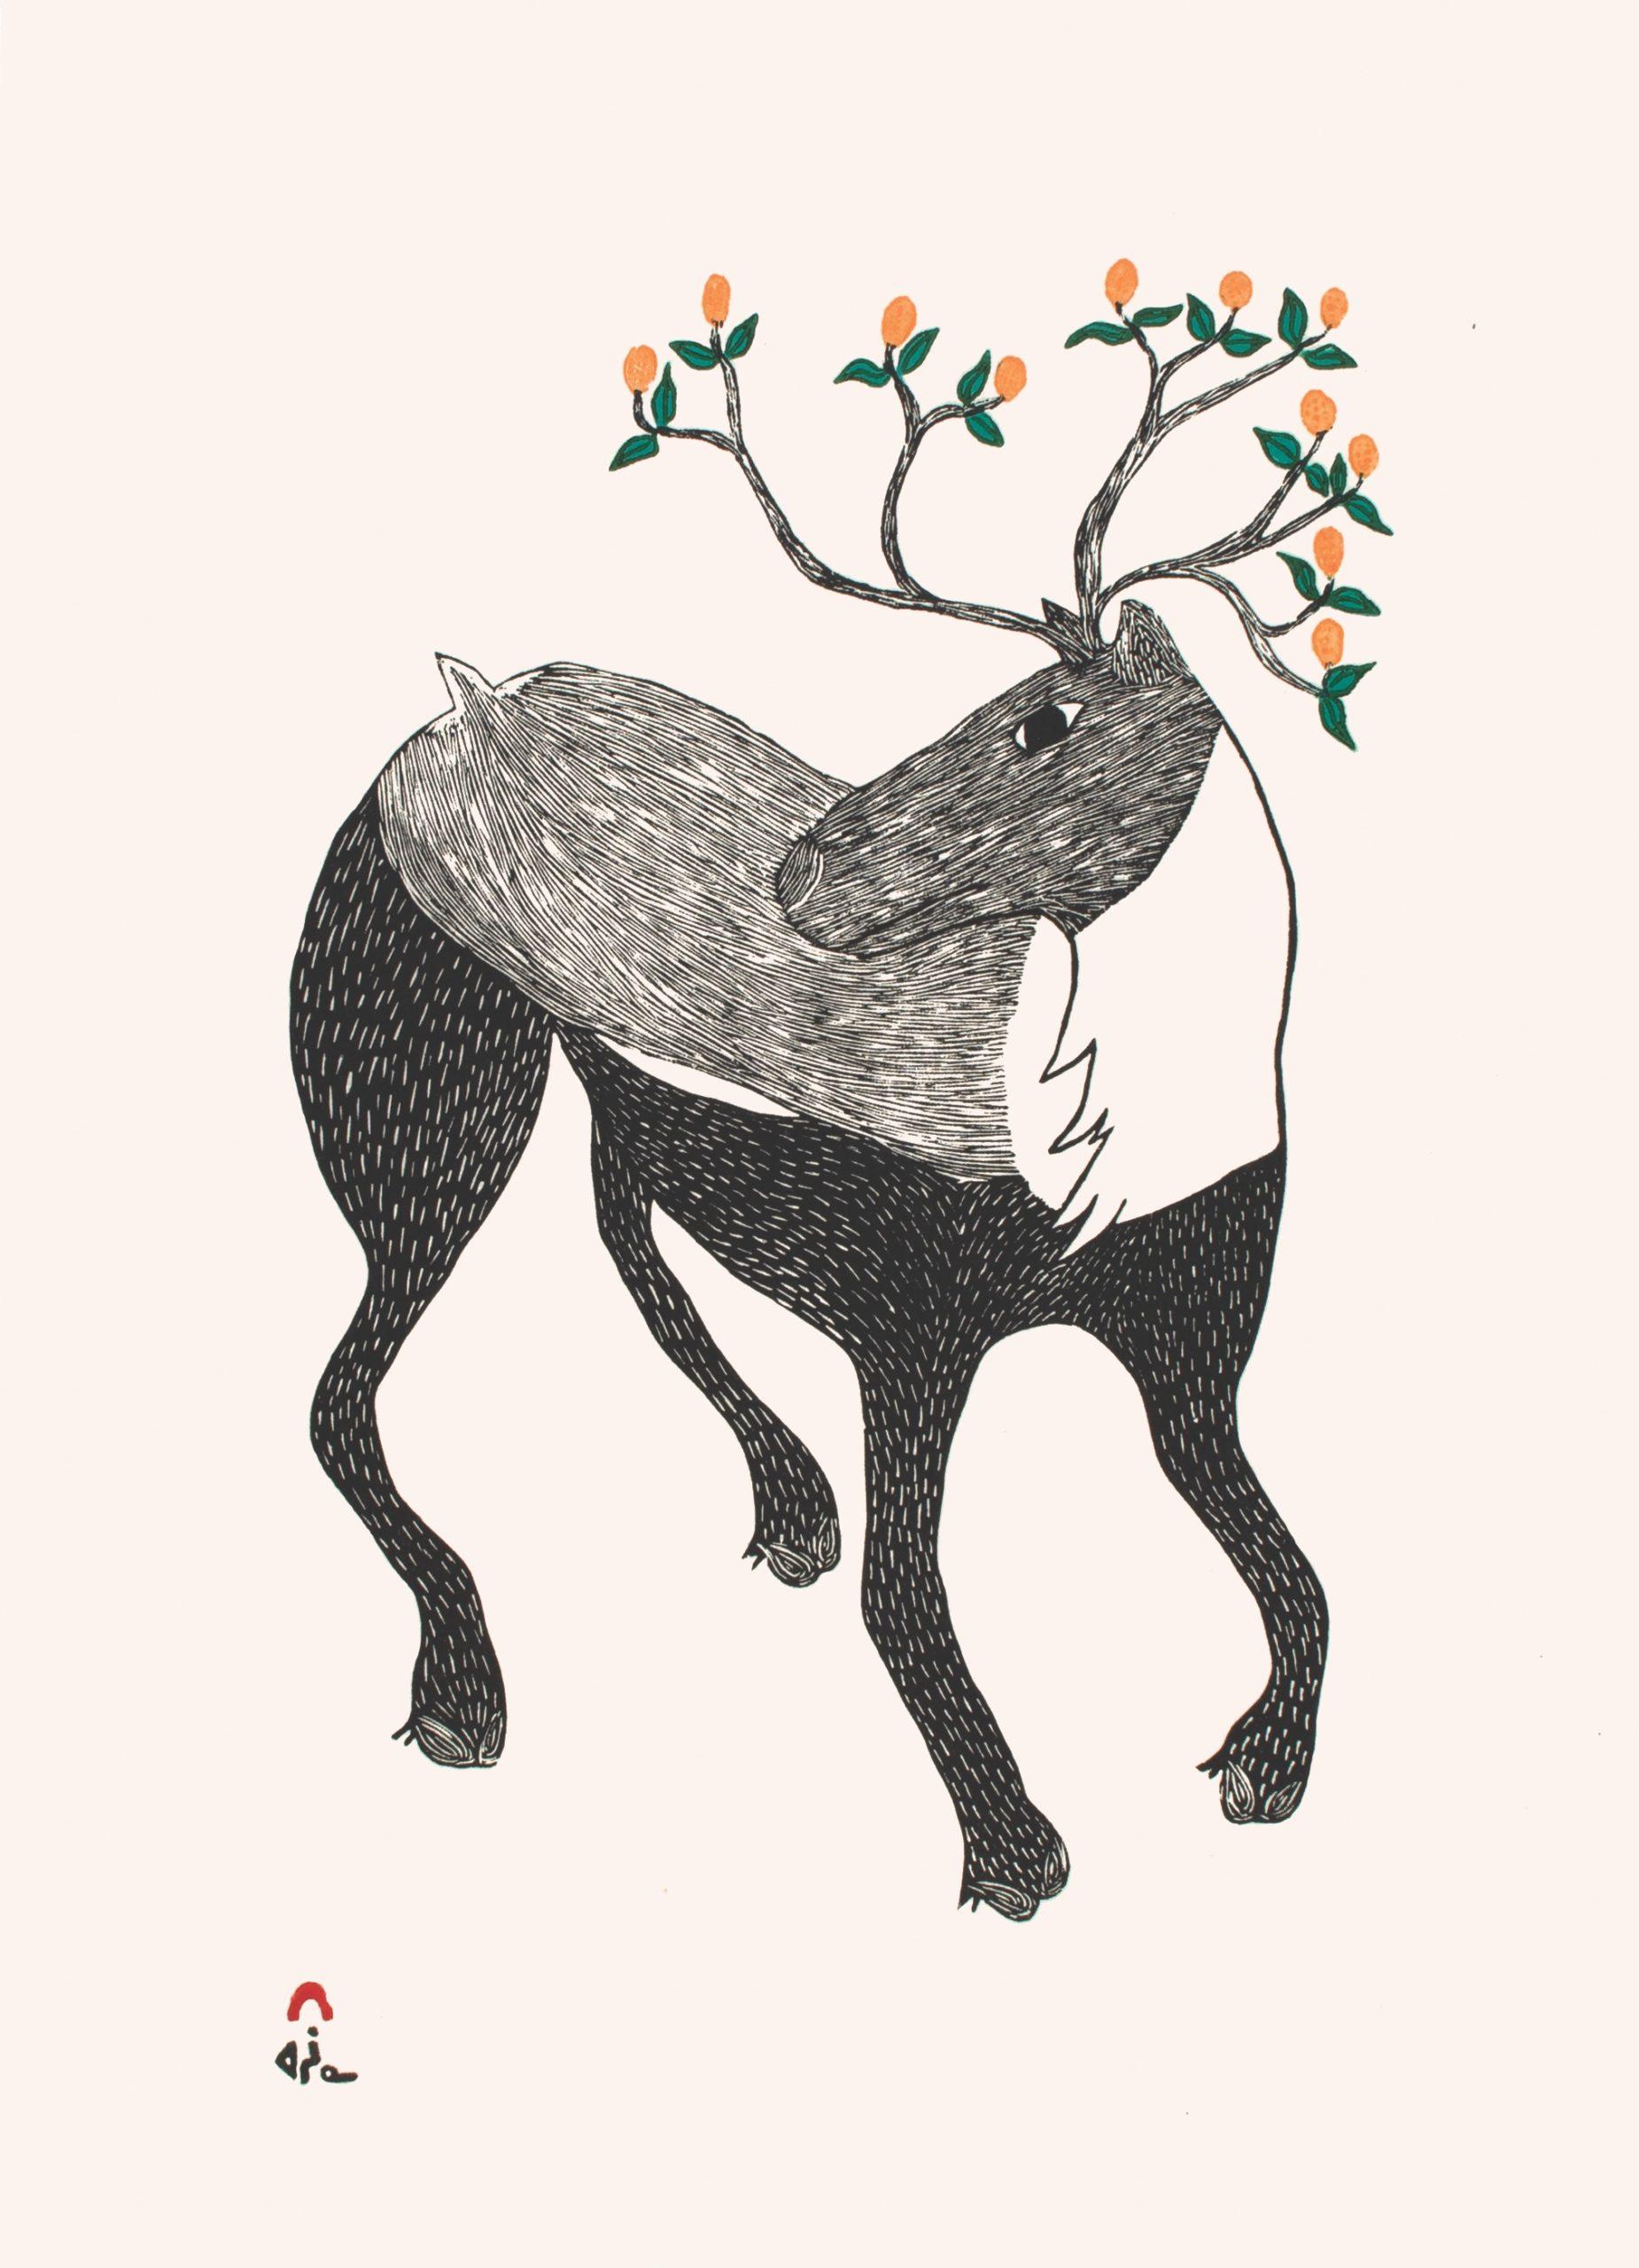 Caribou in Bloom by Ningiukulu Teevee